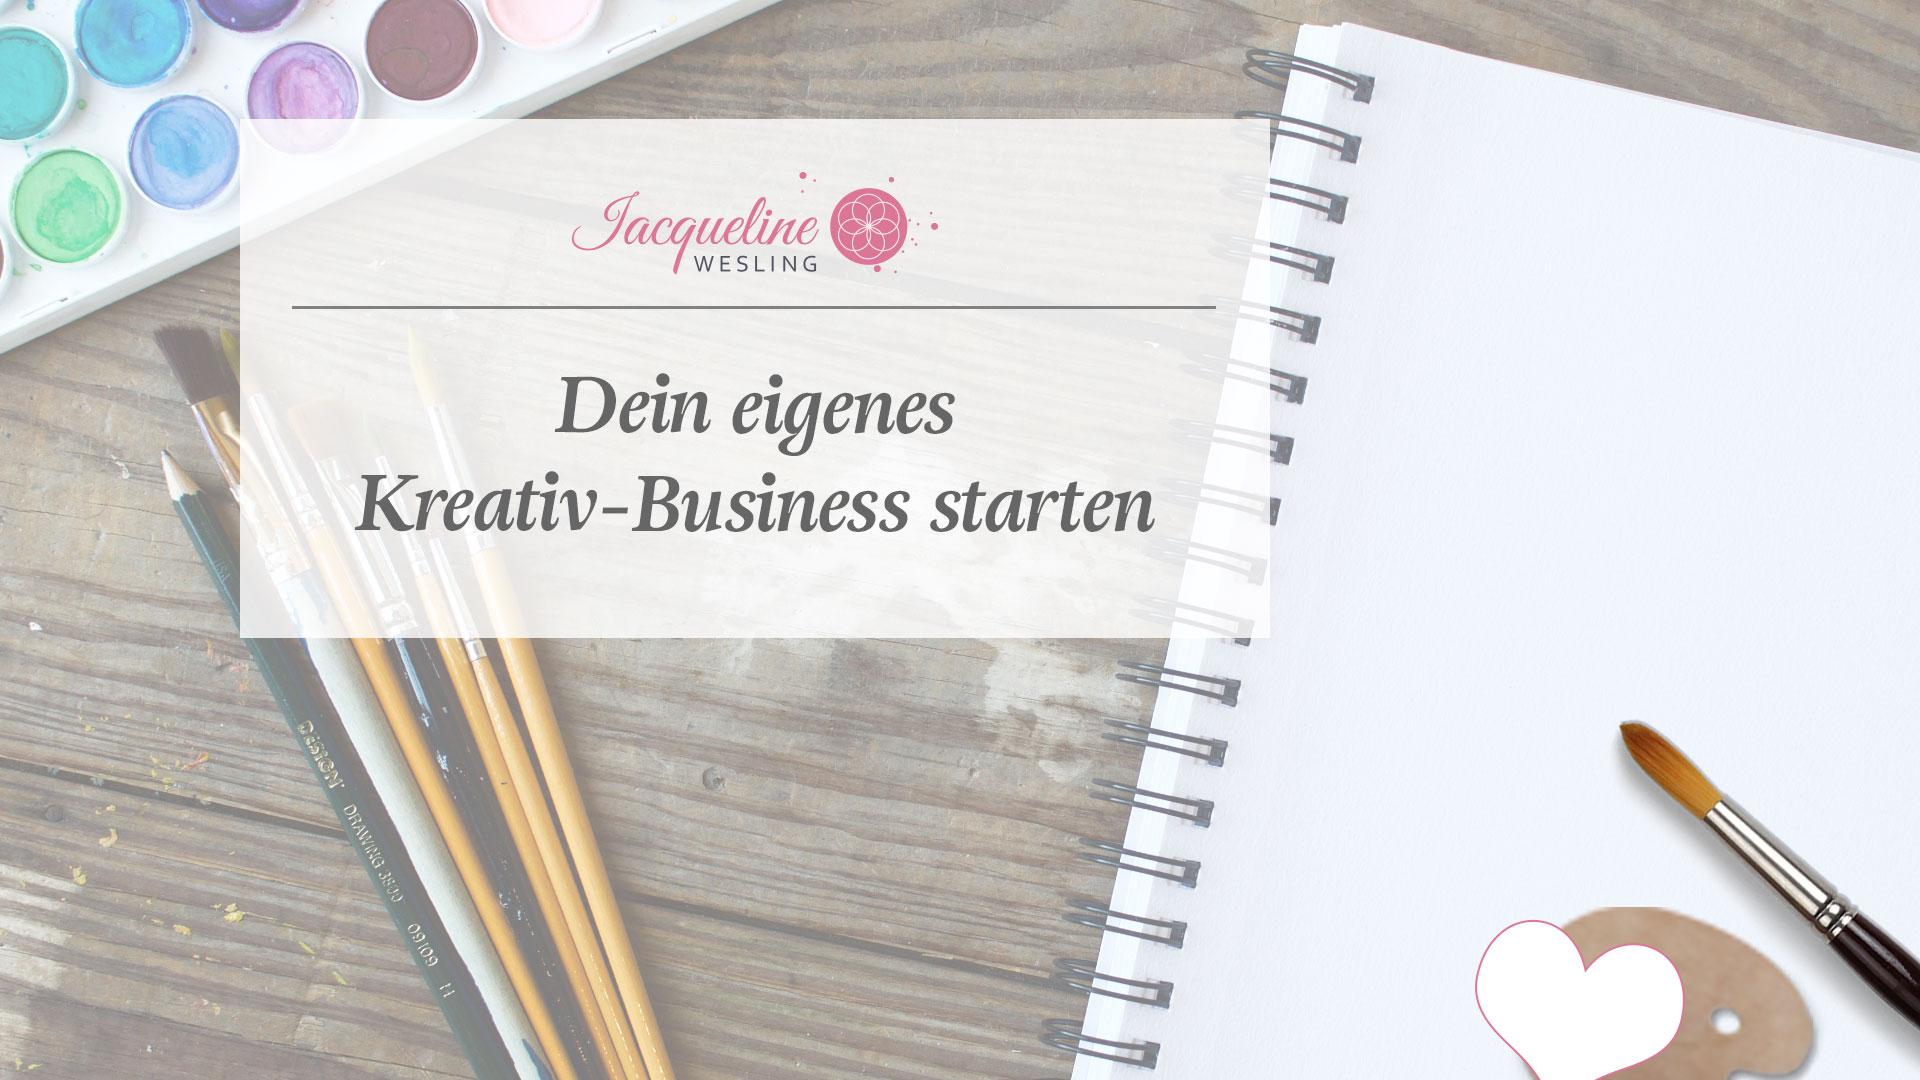 Dein-eigenes-Kreativ-Business-starten